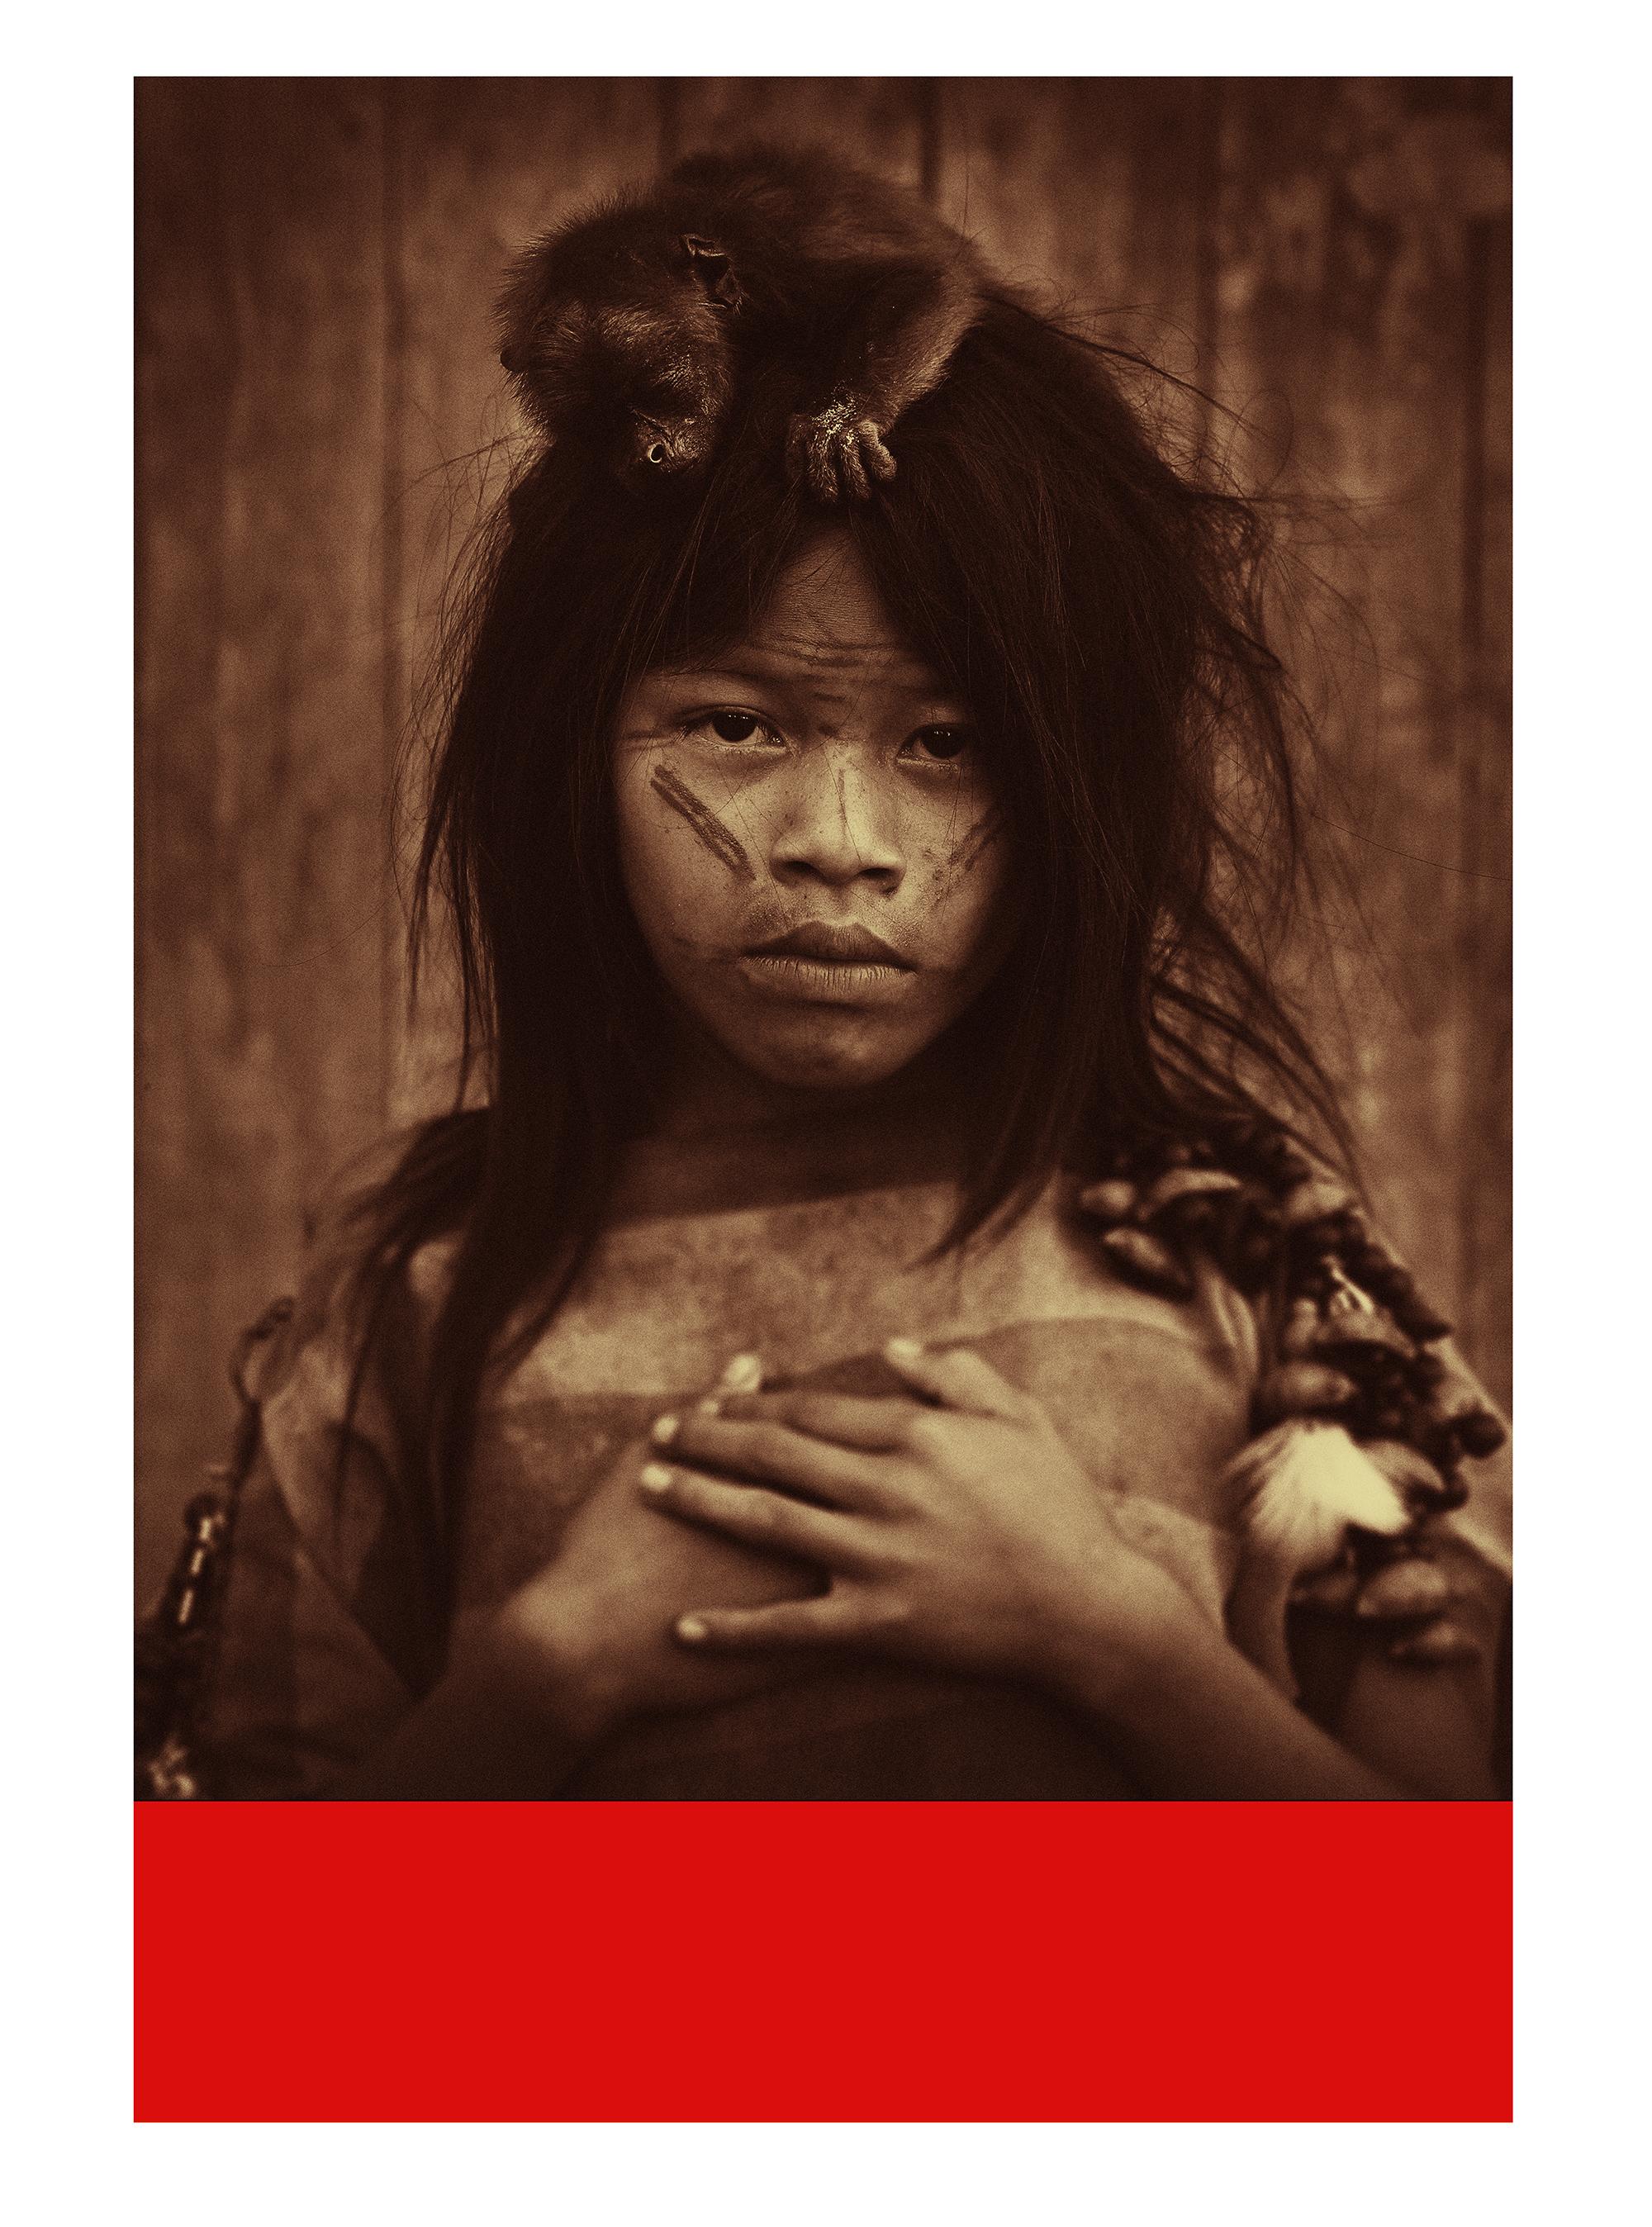 Dalia / Daughter of the rainforest  Photolitho / IDEM PARIS/ BFK Rives 250 gr 118 x 160 cm / 46,5 x 63 in Edition of 15 + 5 Ap Editeur: IDEM PARIS / Per Fronth   19/2016: